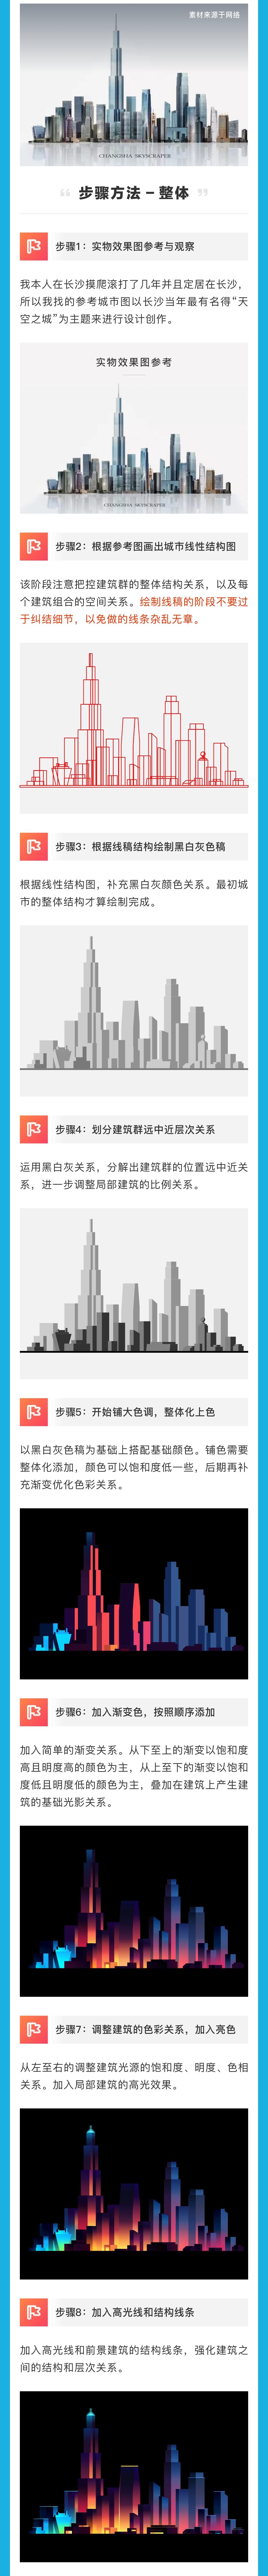 想画出超美的城市渐变插画?今天送你一份超详细的保姆级教程!